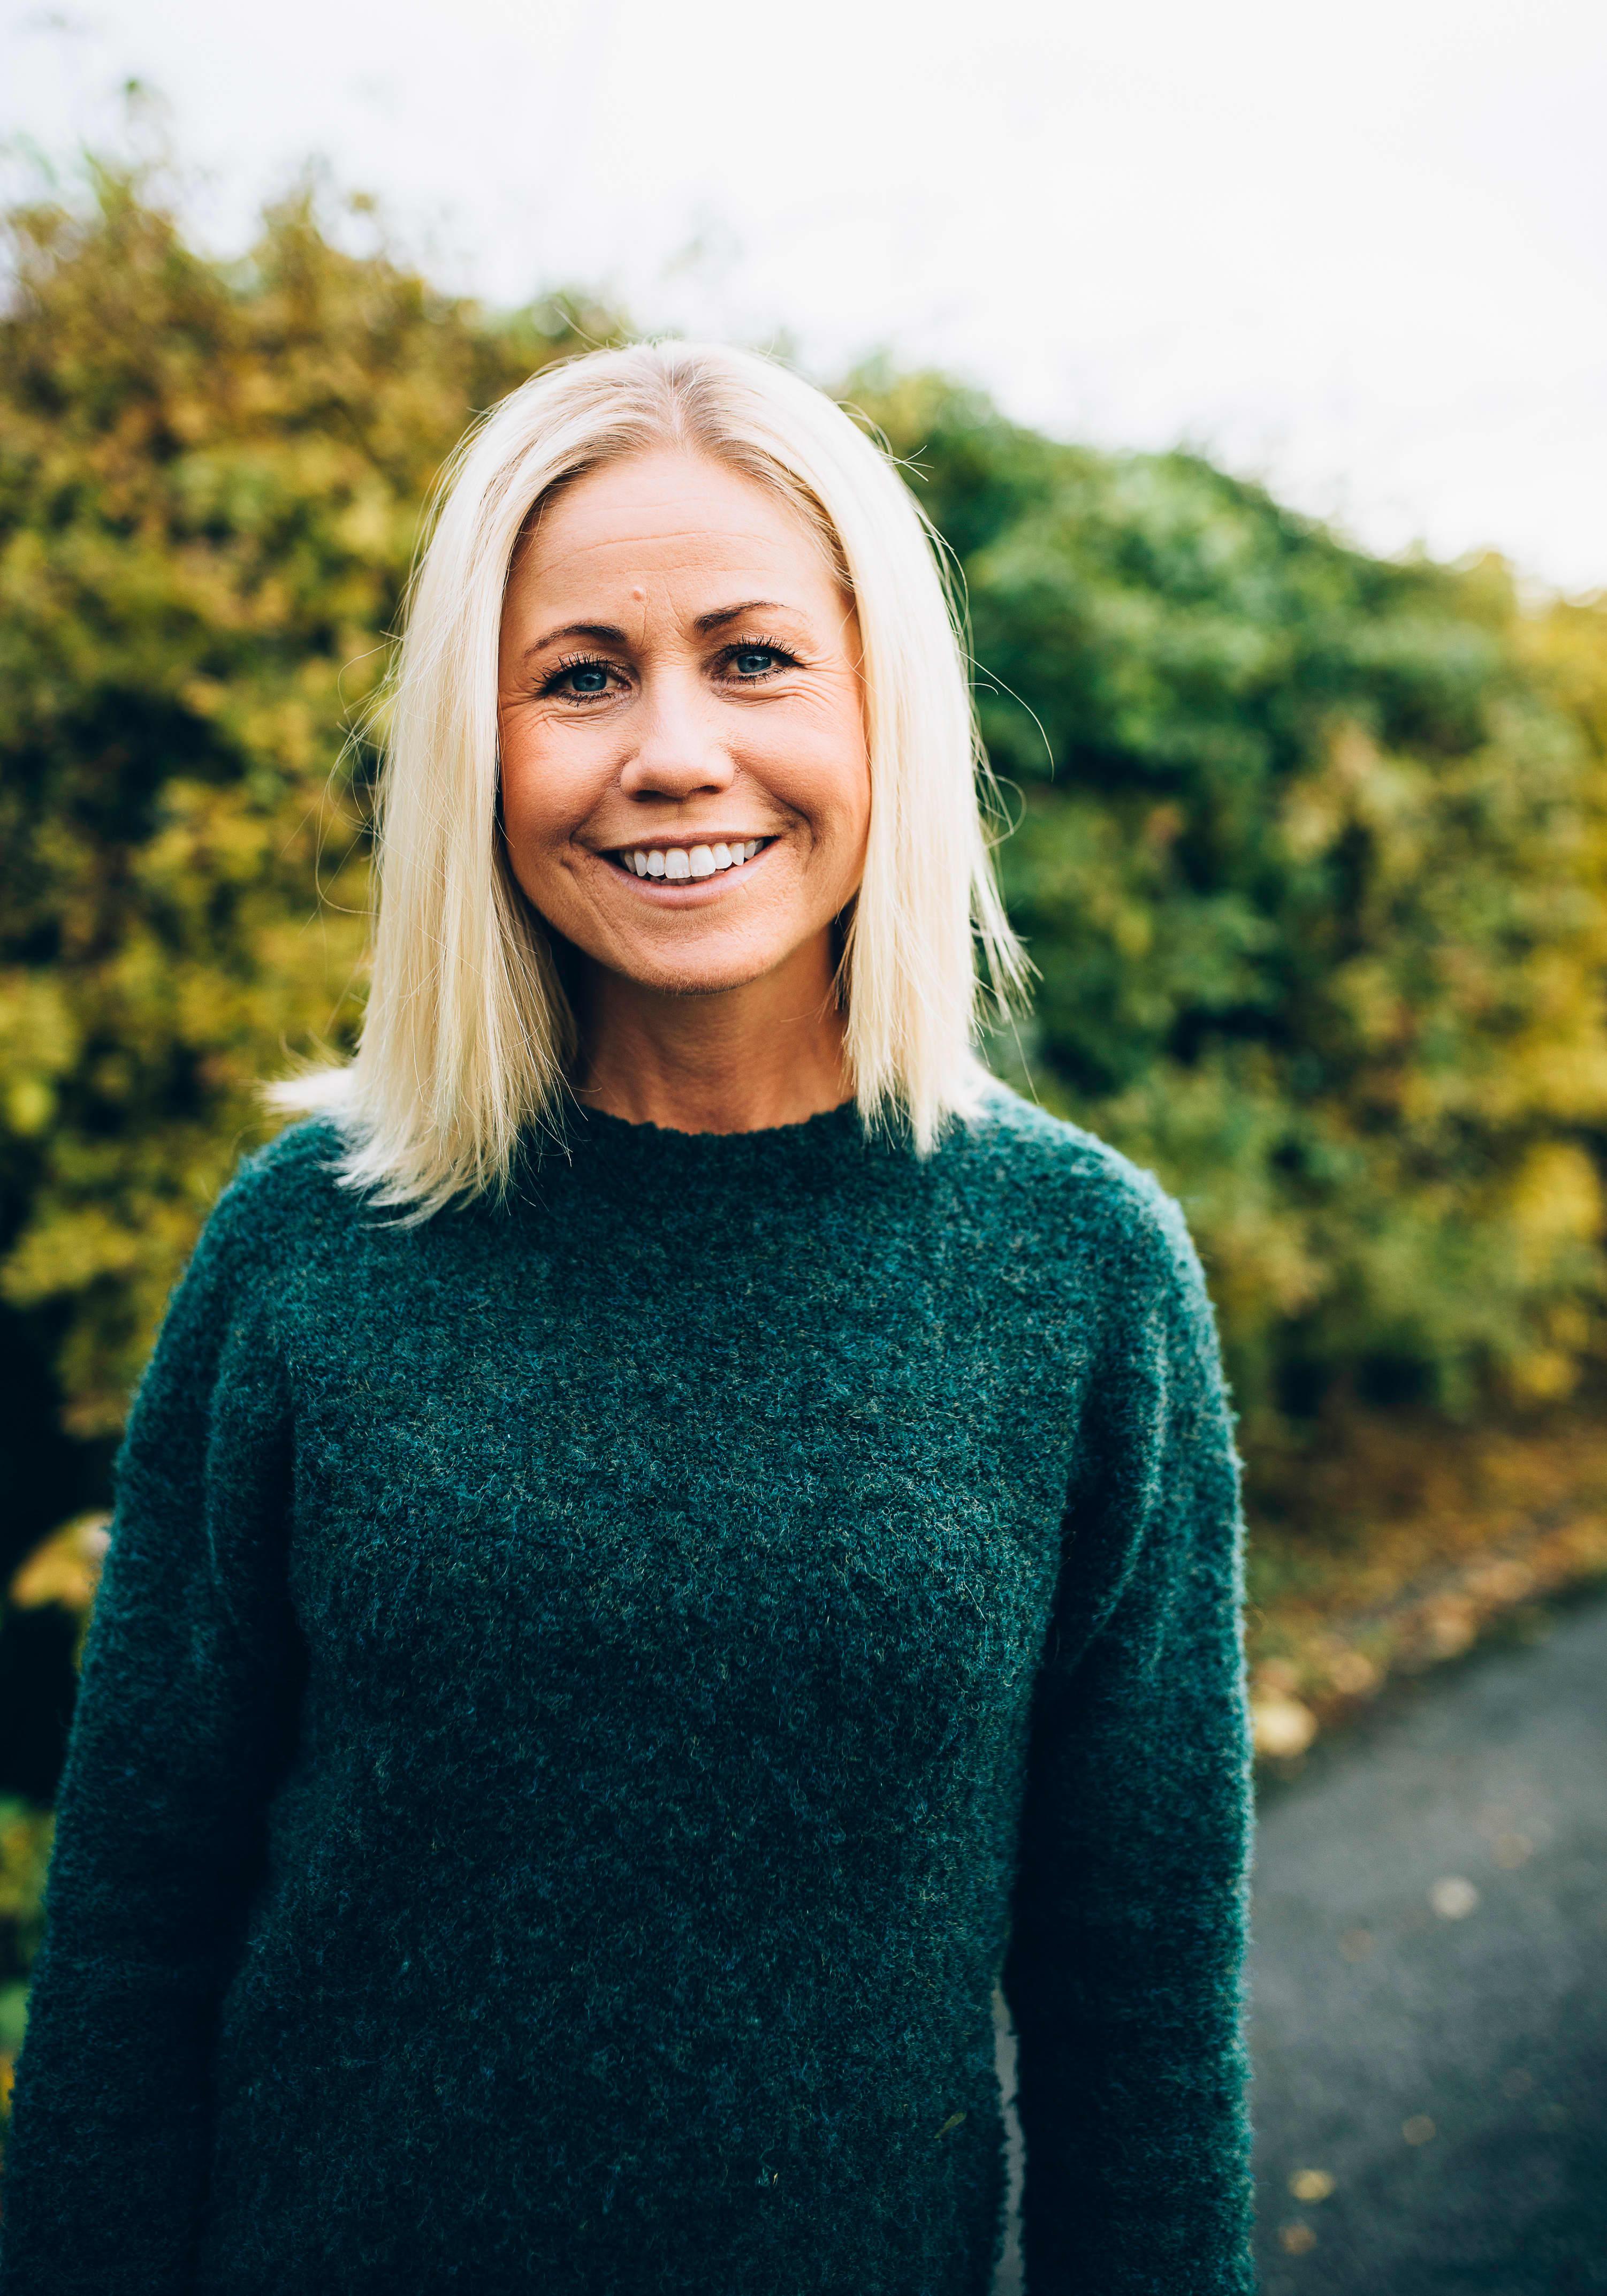 Klinisk ernæringsfysiolog og tobarnsmor Tine Sundfør mener middagsglass er en super løsning for travle småbarnsforeldre.